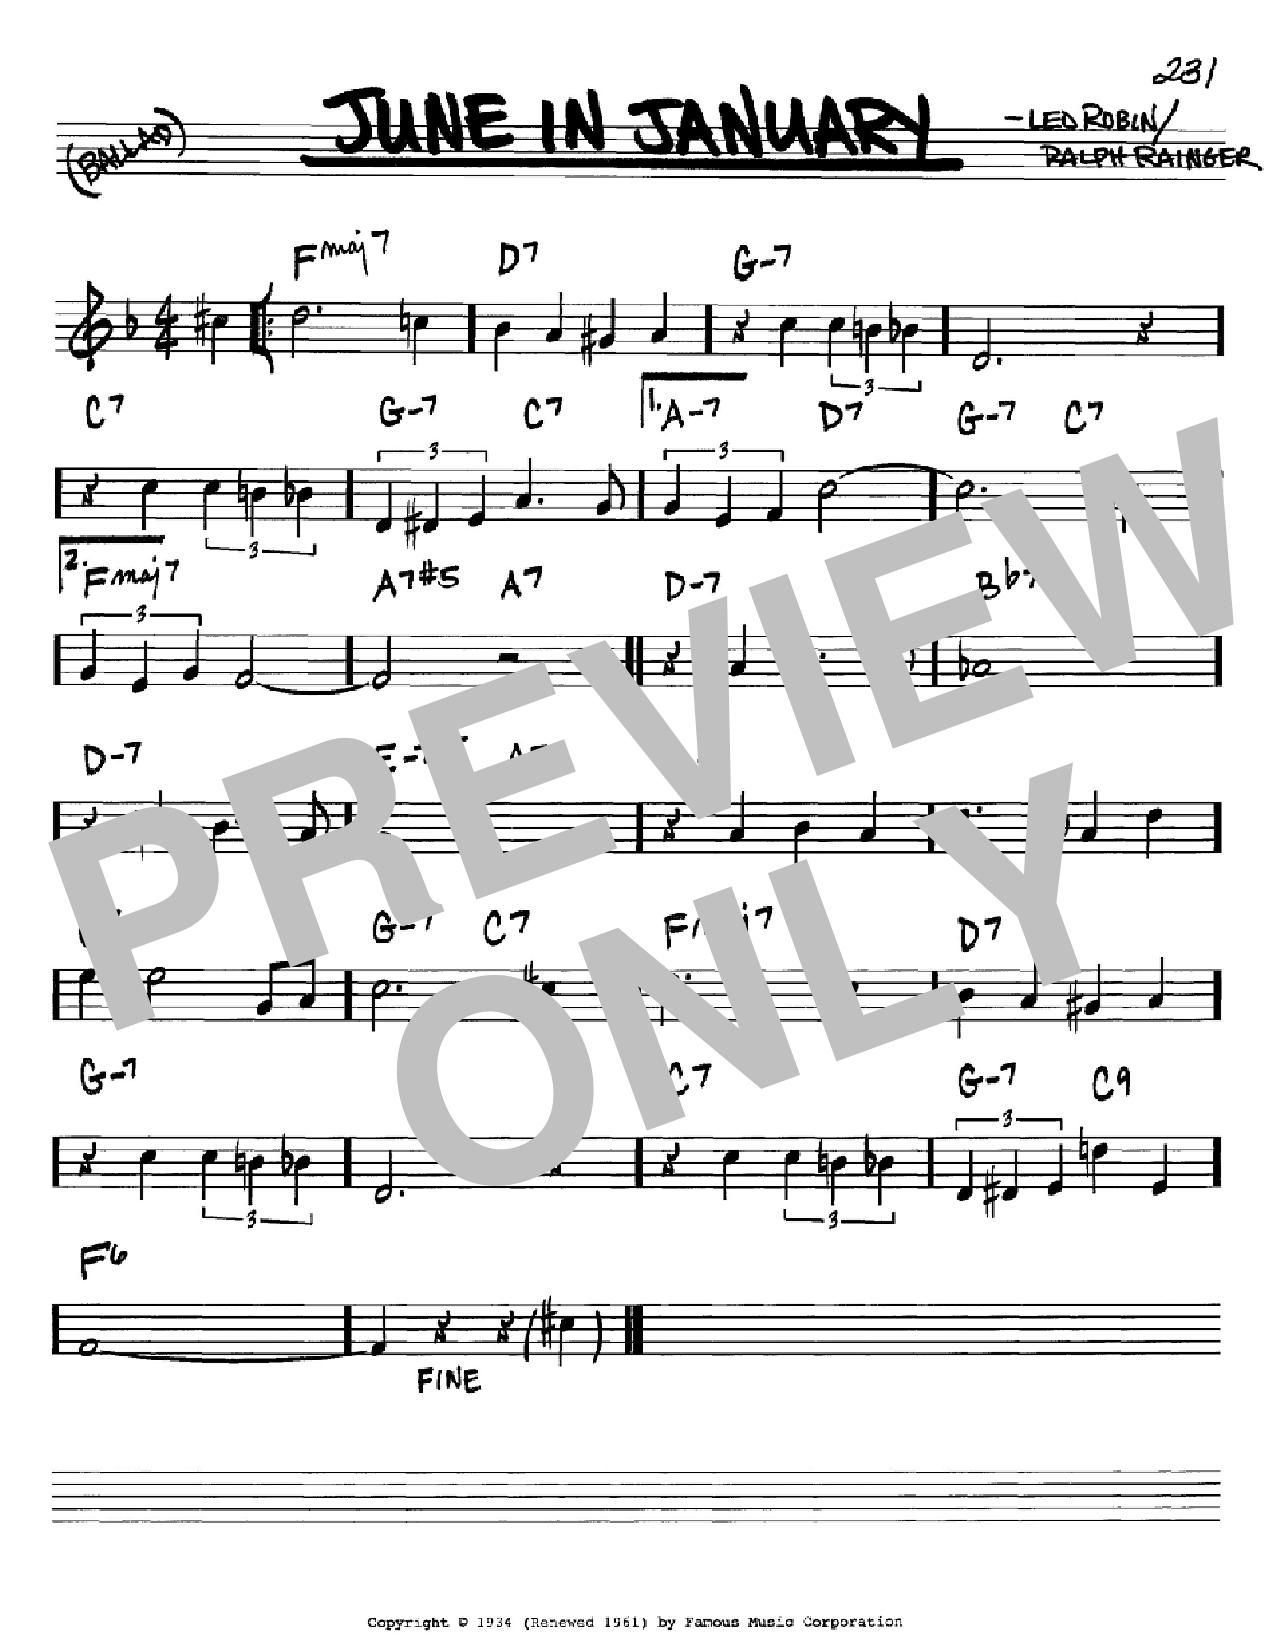 Partition autre June In January de Leo Robin - Real Book, Melodie et Accords, Inst. En Sib